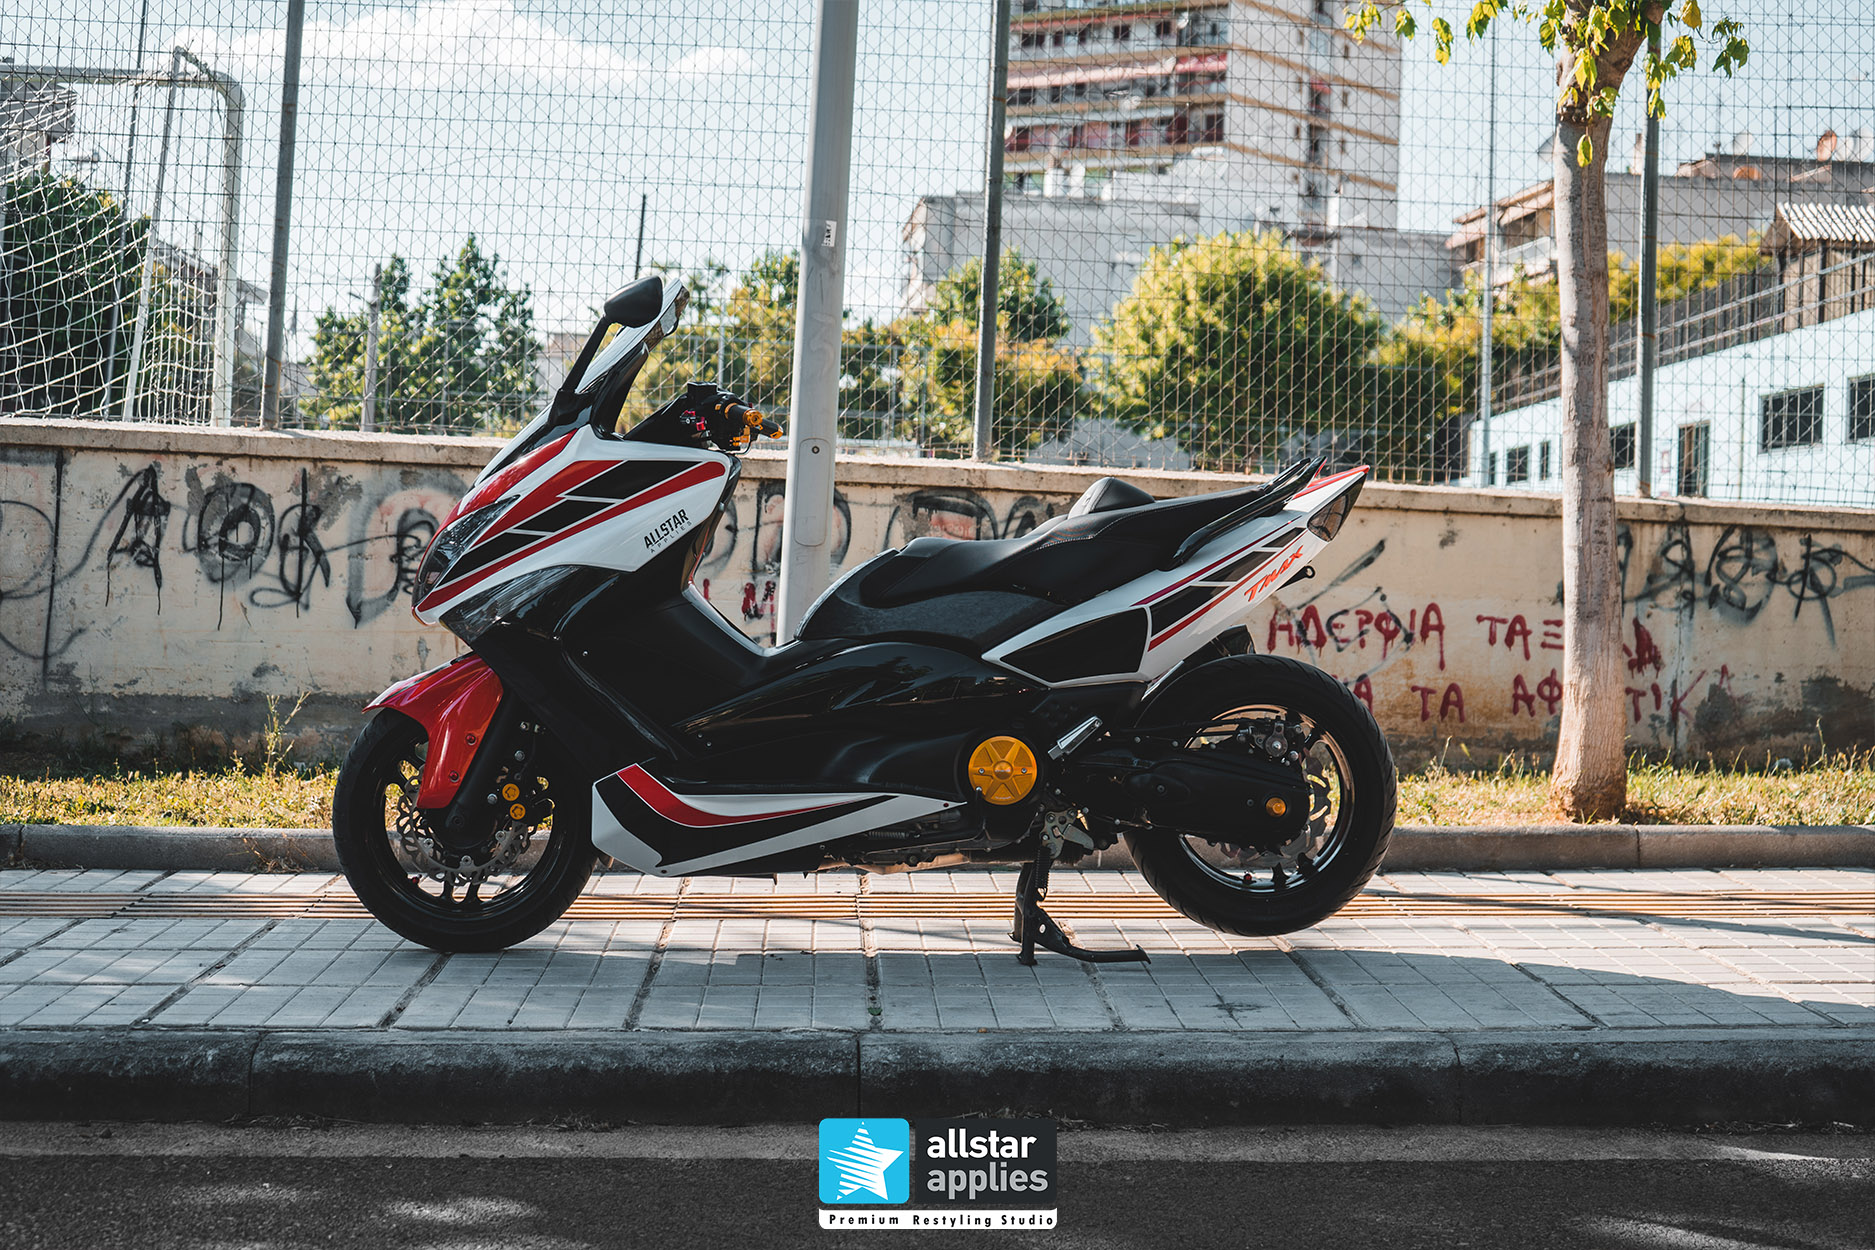 TMAX 500 ALLSTAR APPLIES 5